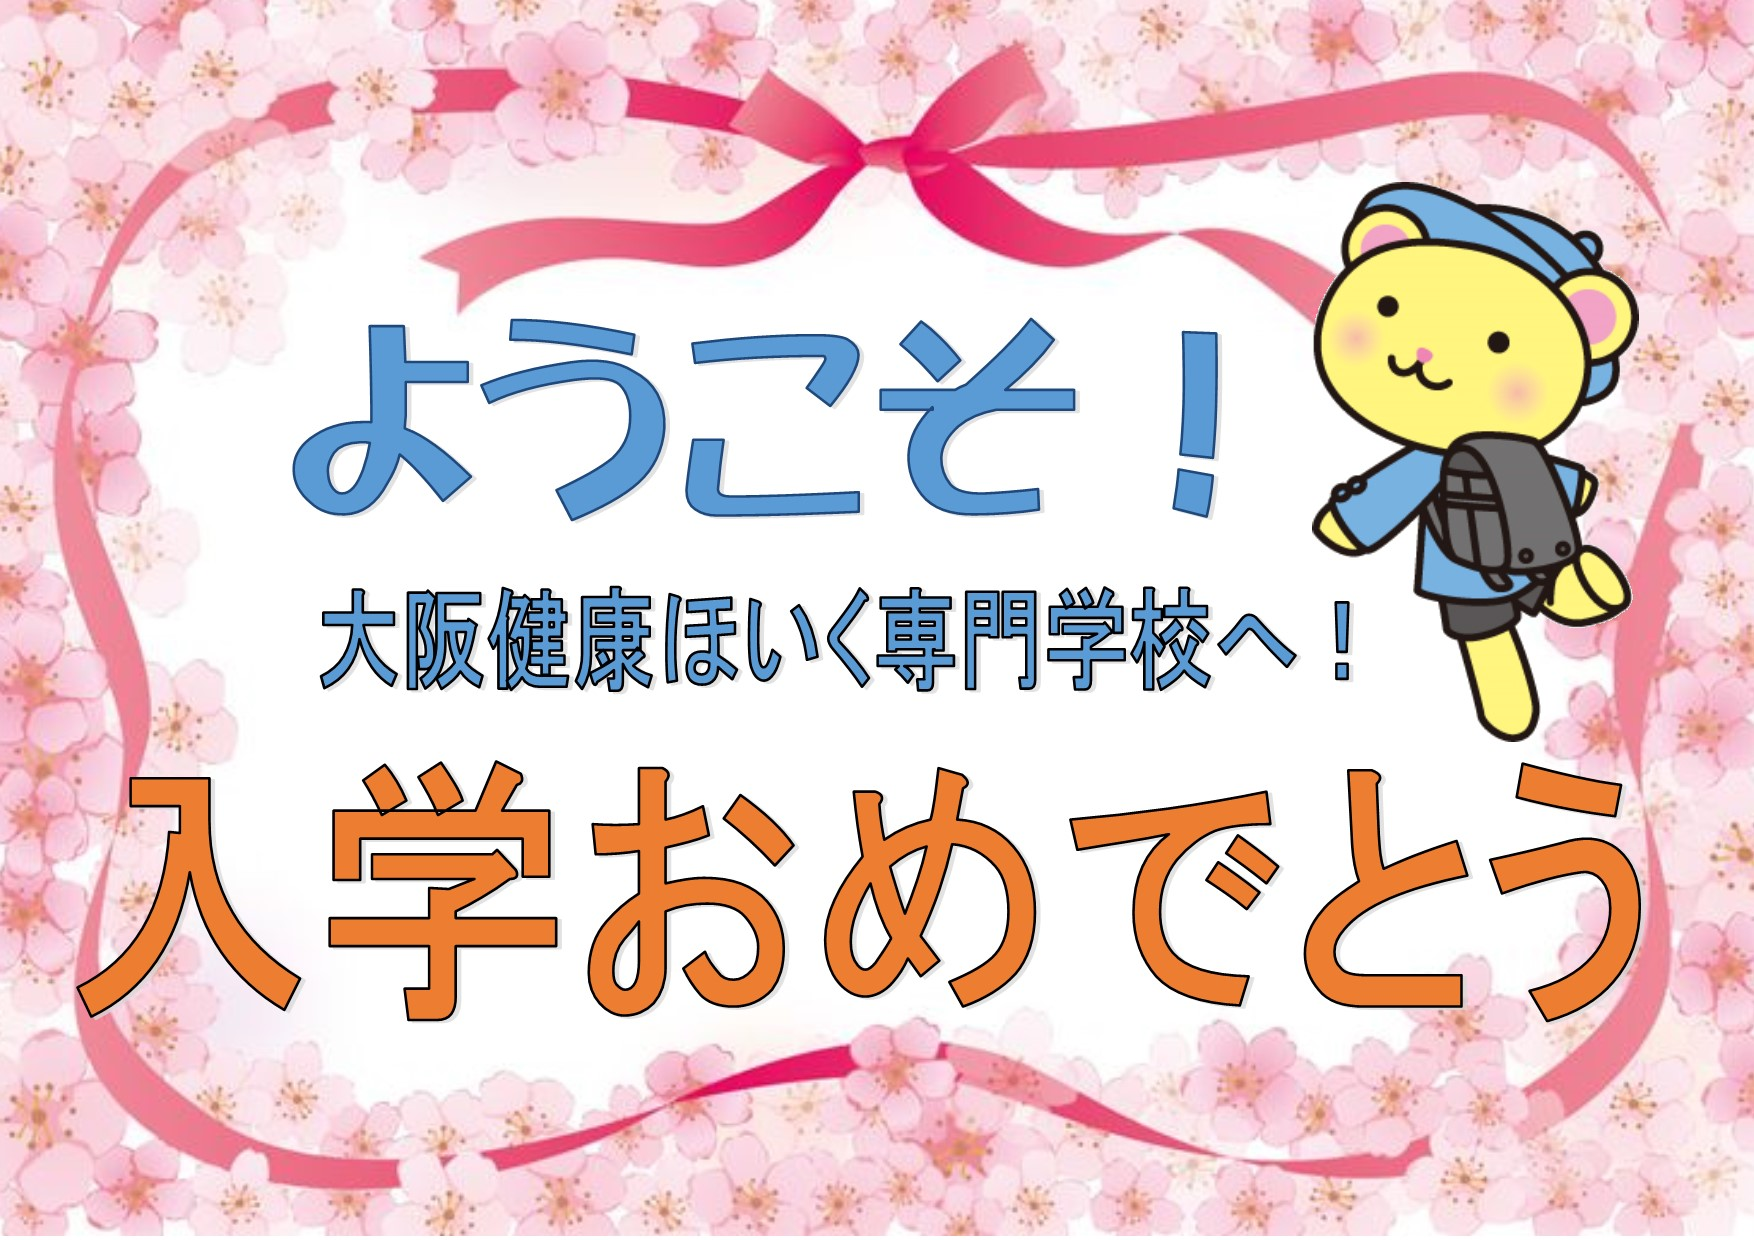 入学おめでとう!ようこそ!待ってたよ!